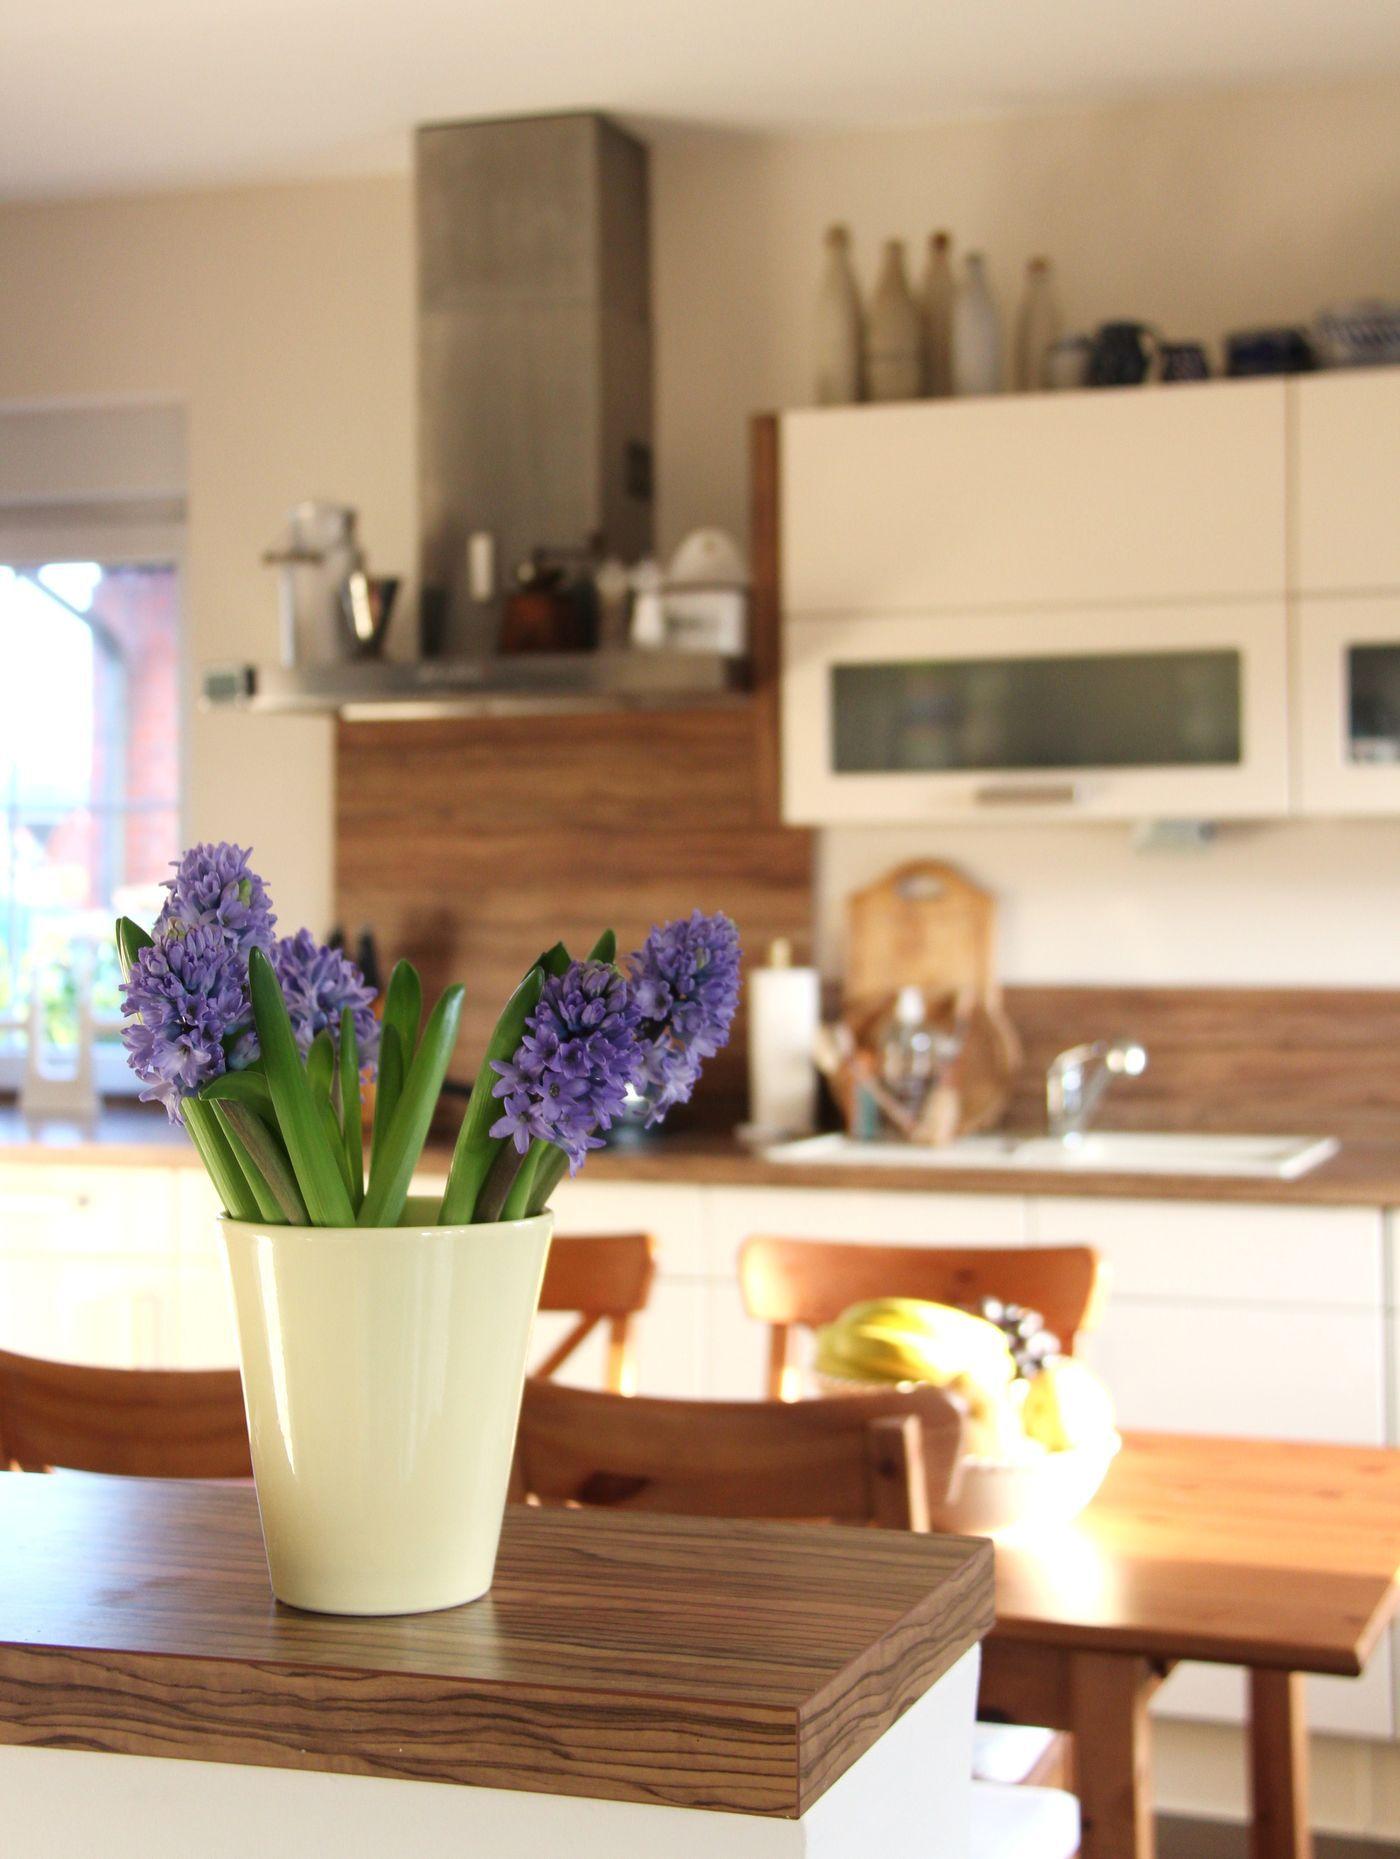 Nett Led Küche Deckenschienenbeleuchtung Bilder - Küchenschrank ...